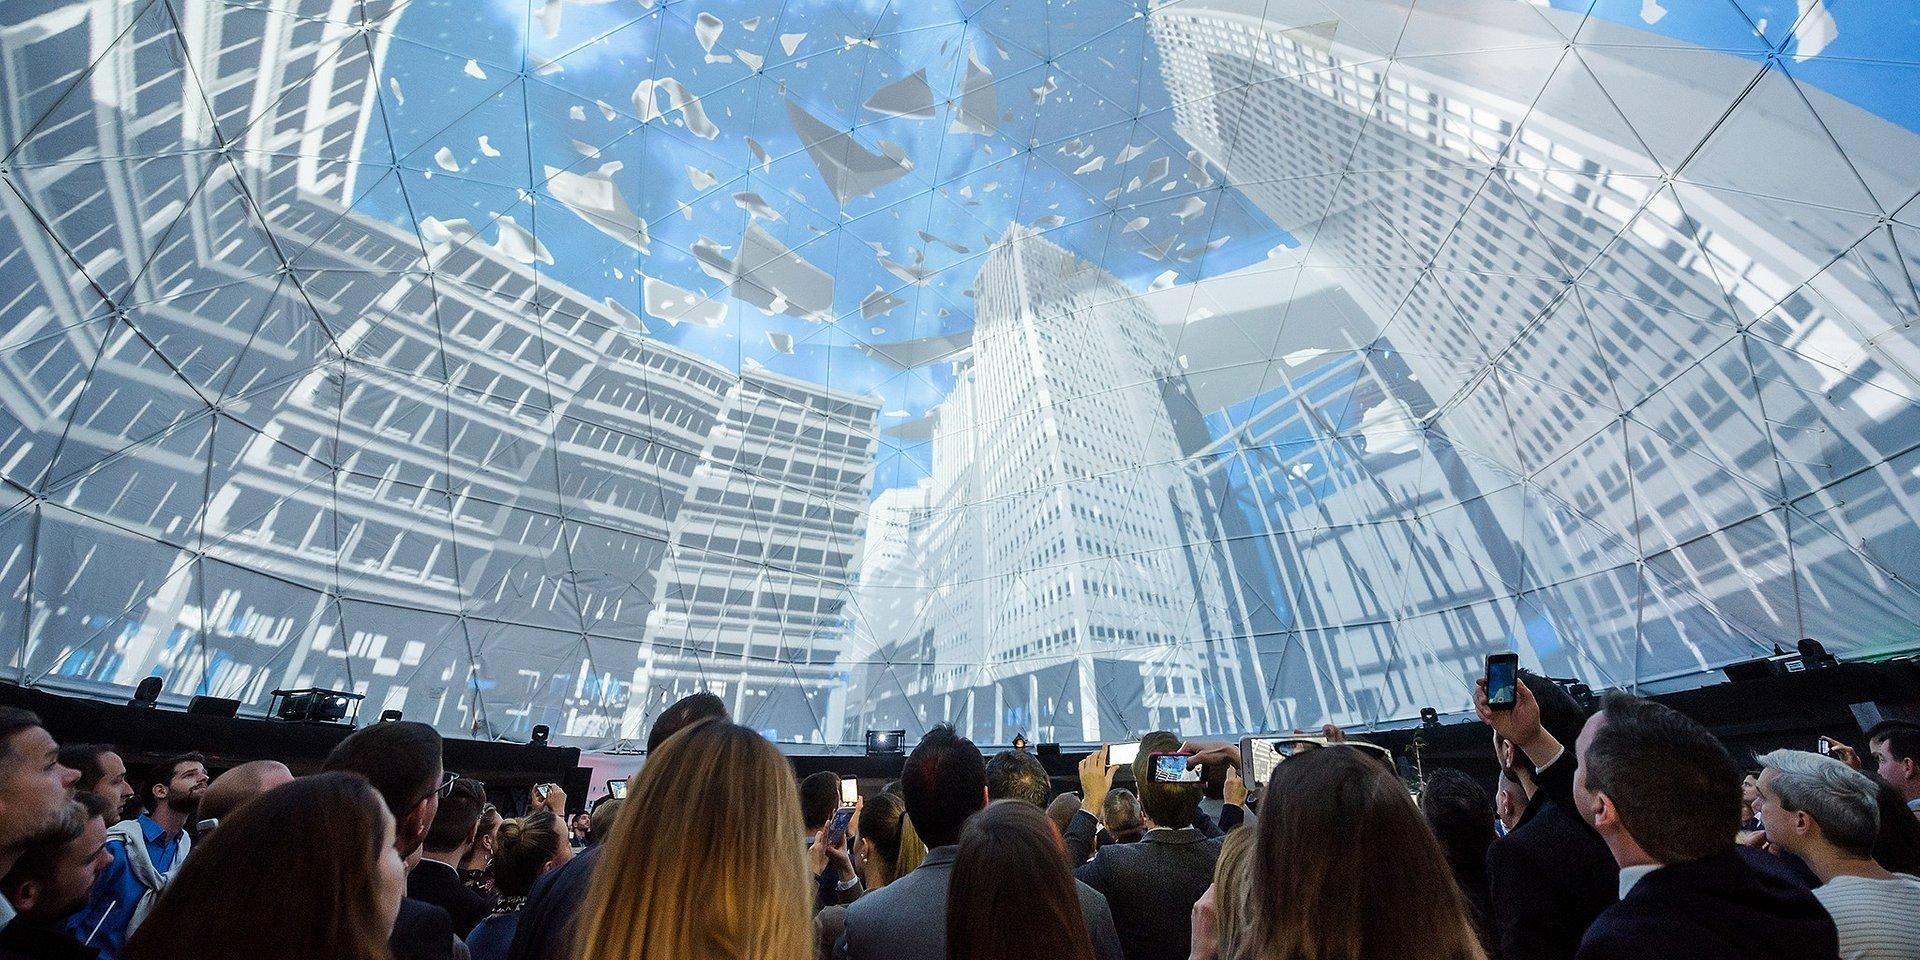 Lezajlott az Agora Budapest rendhagyó alapkőletétele